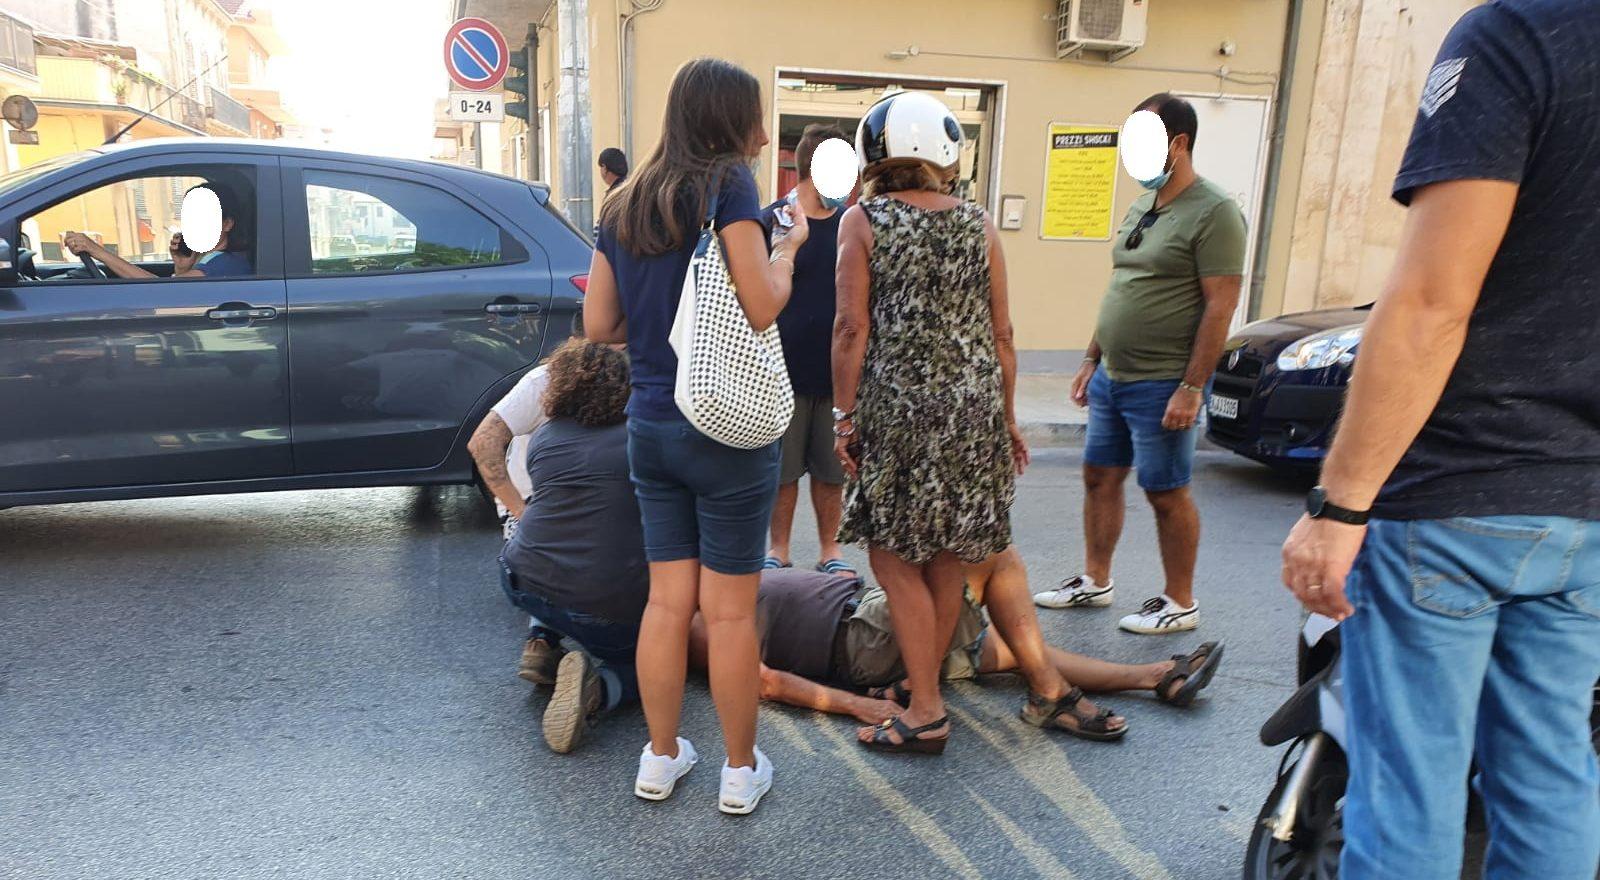 Semafori rotti e incroci pericolosi: incidenti in via Roma e via Foscolo